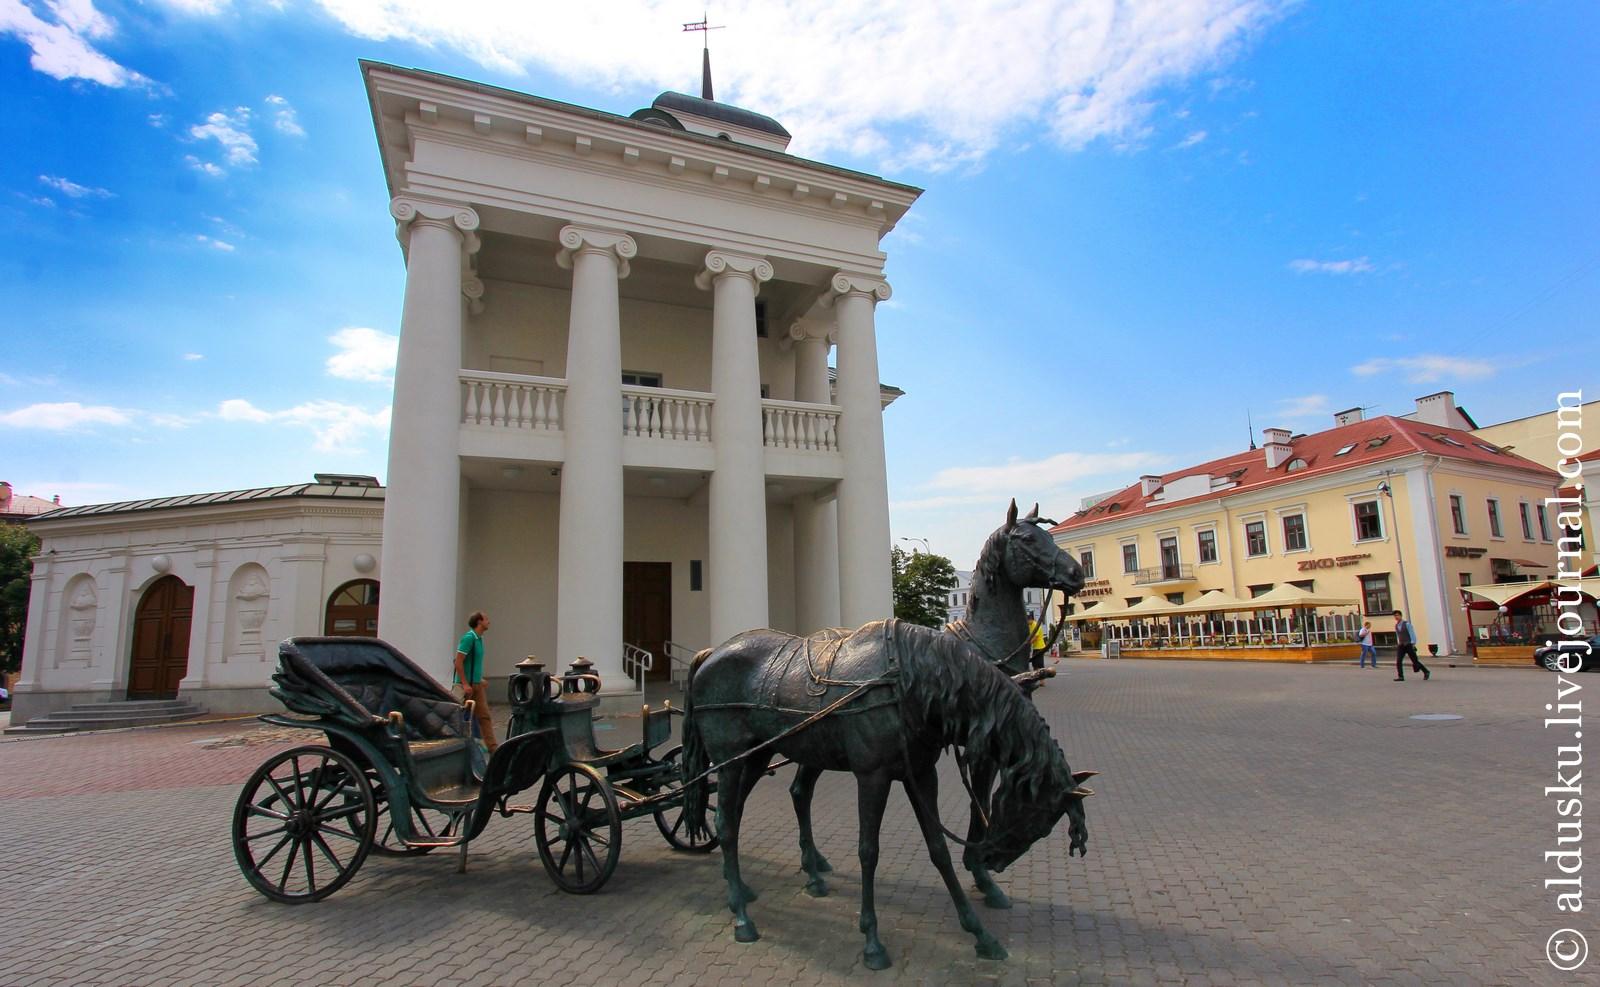 «Экипаж» (2004) — карета губернатора Корнеева перед зданием Ратуши. Работа Жбанова Владимир Иванович (1954–)